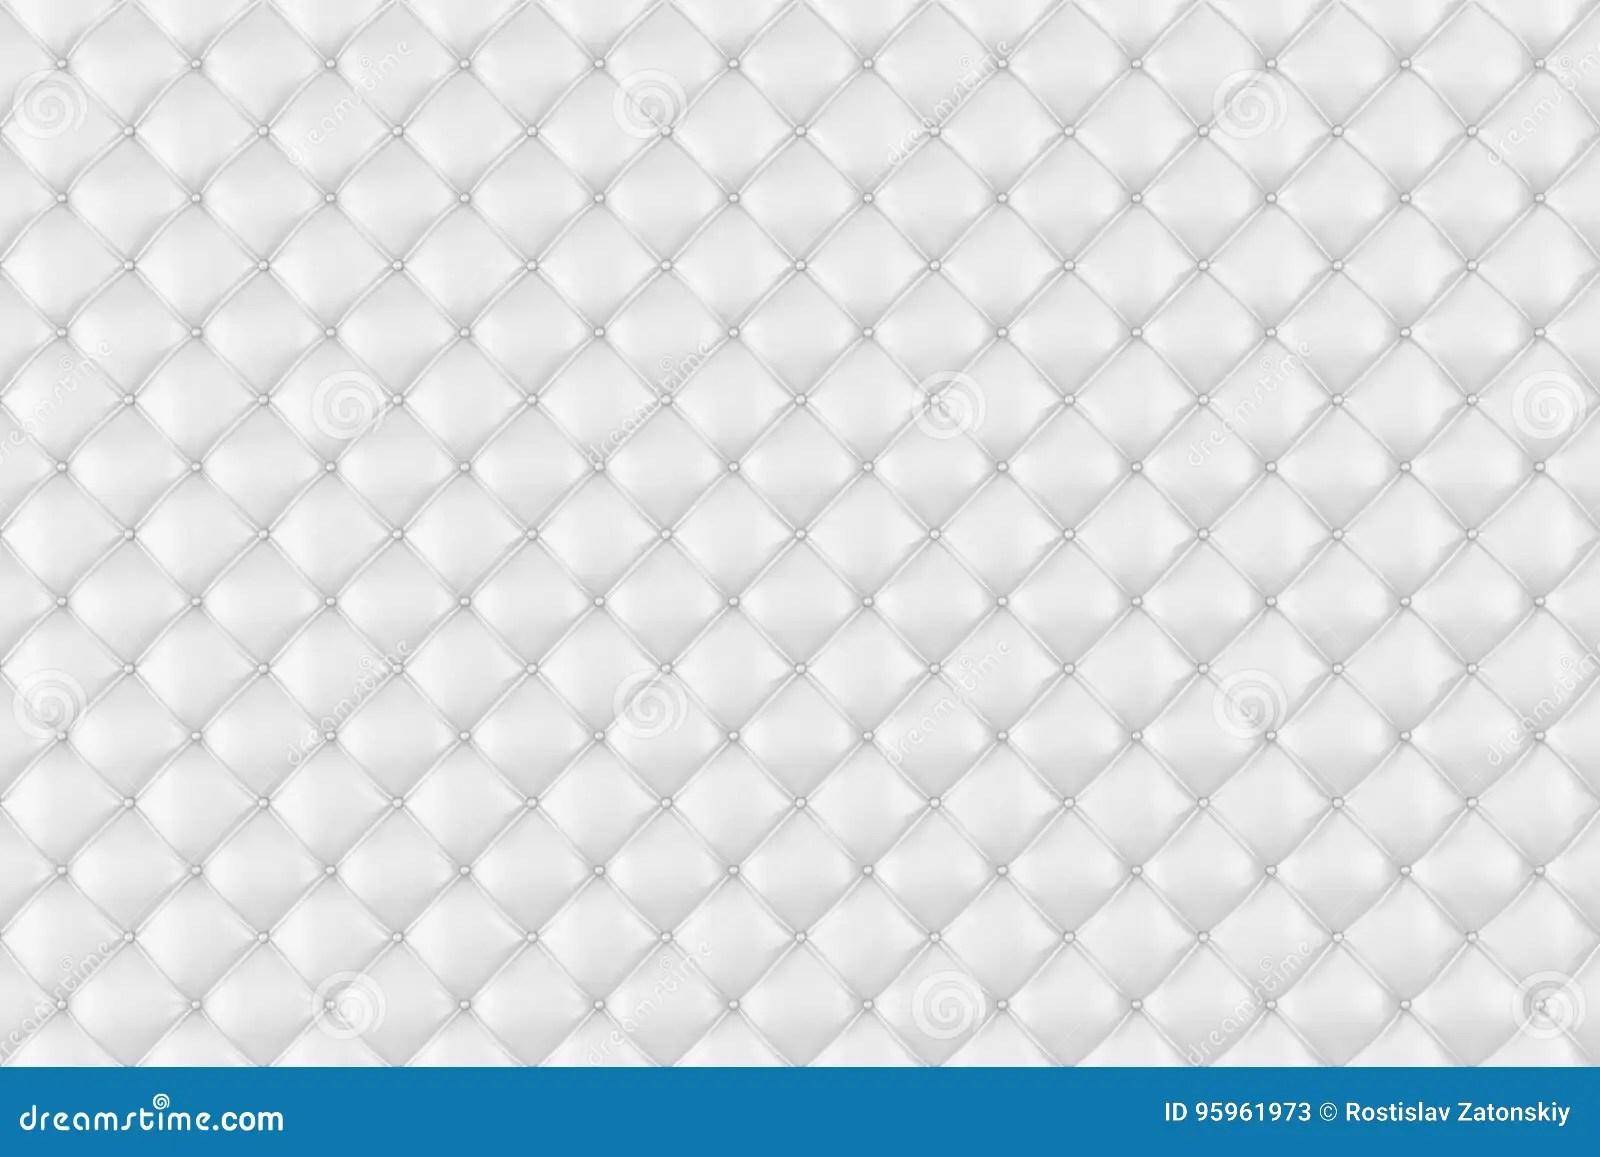 Leather Upholstery Sofa Background White Luxury